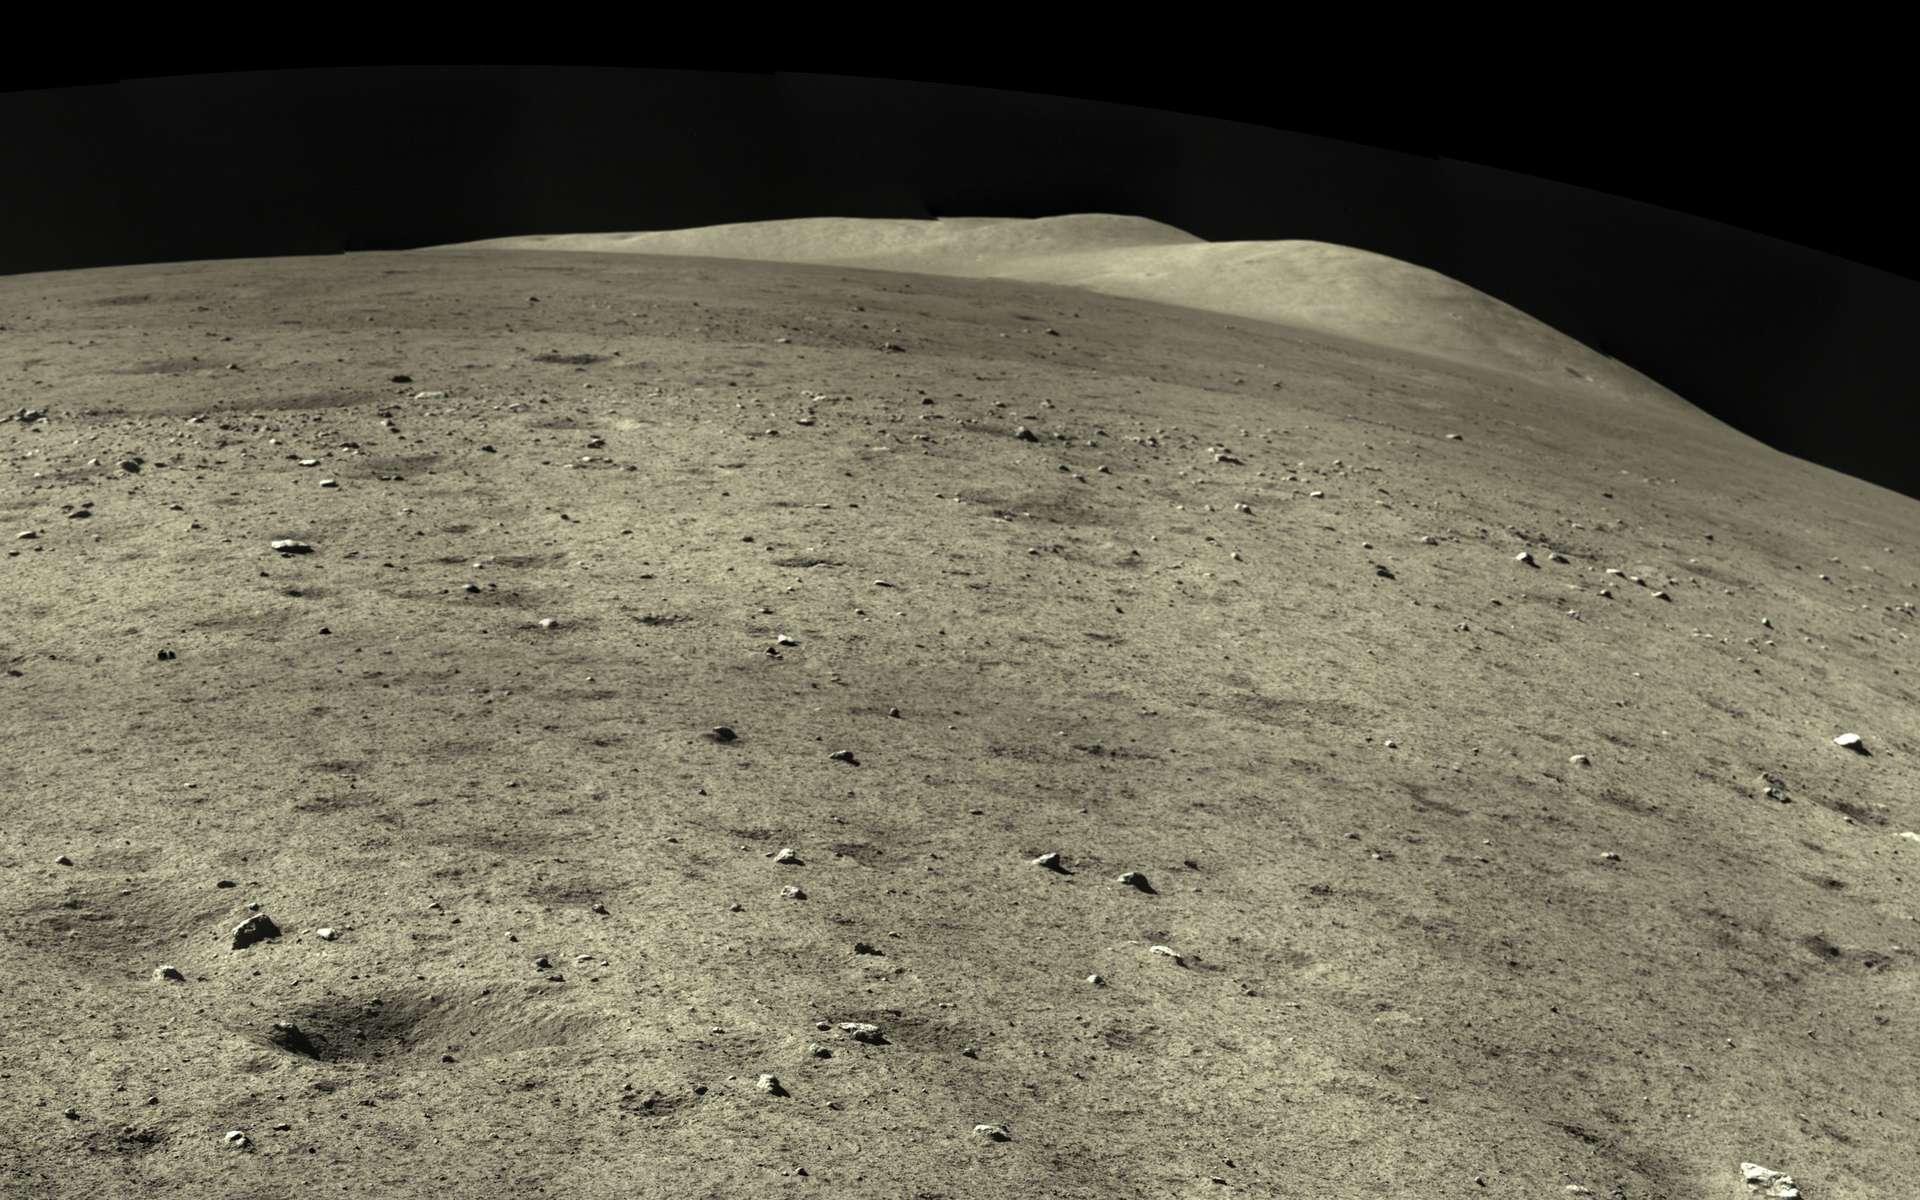 Détail du panorama capturé par Chang'e 5 après son atterrissage réussi sur la Lune. L'atterrisseur est équipé d'une caméra, d'un spectromètre et d'un radar dont les données serviront à fournir le contexte géologique des échantillons. © CNSA